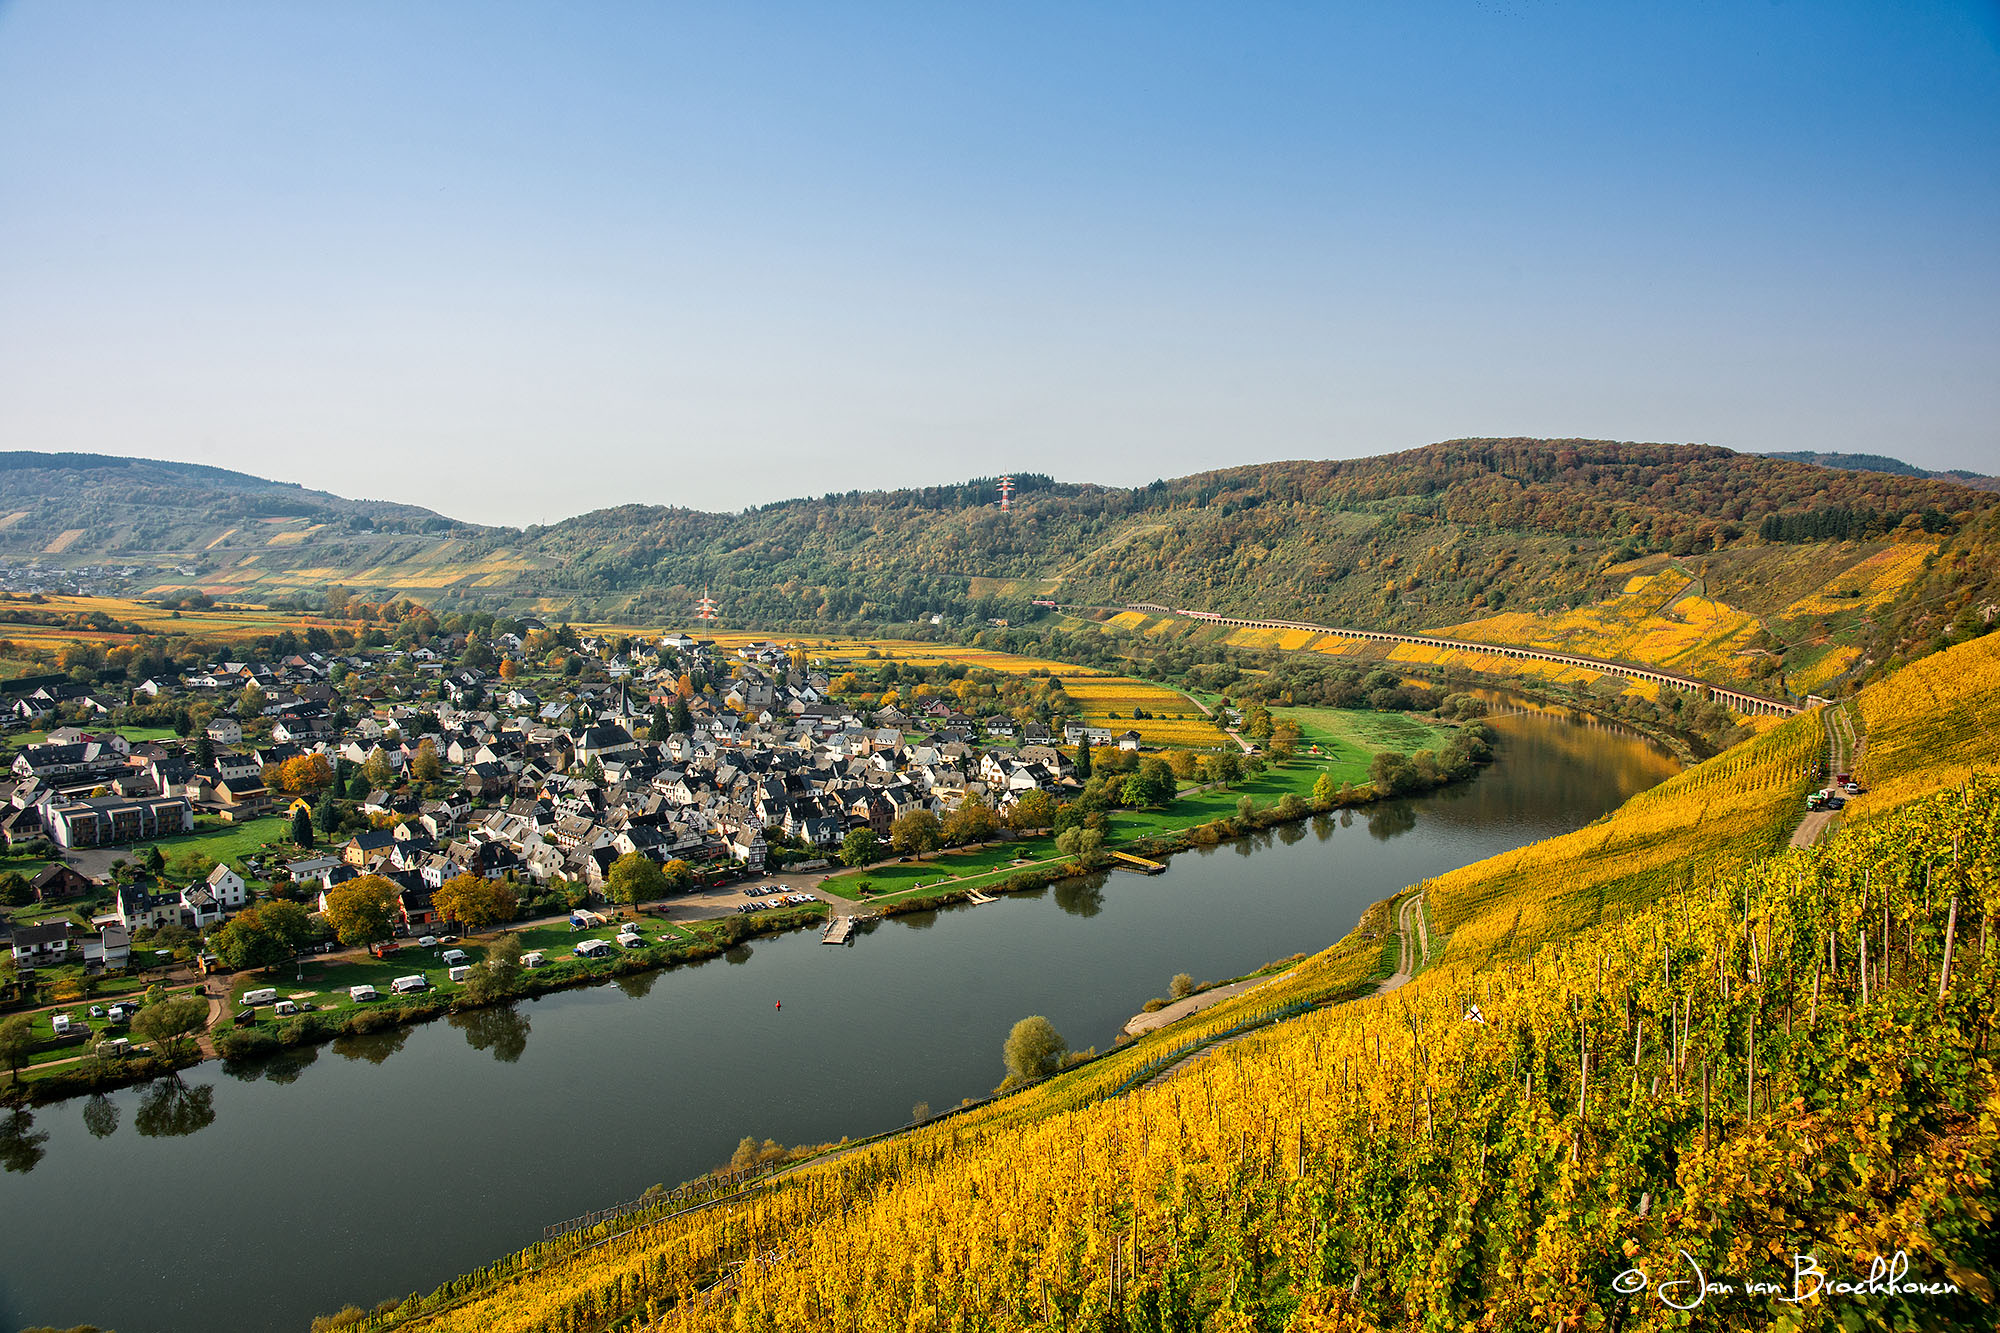 Herfstvakantie 2017 aan de Moezel in Duitsland